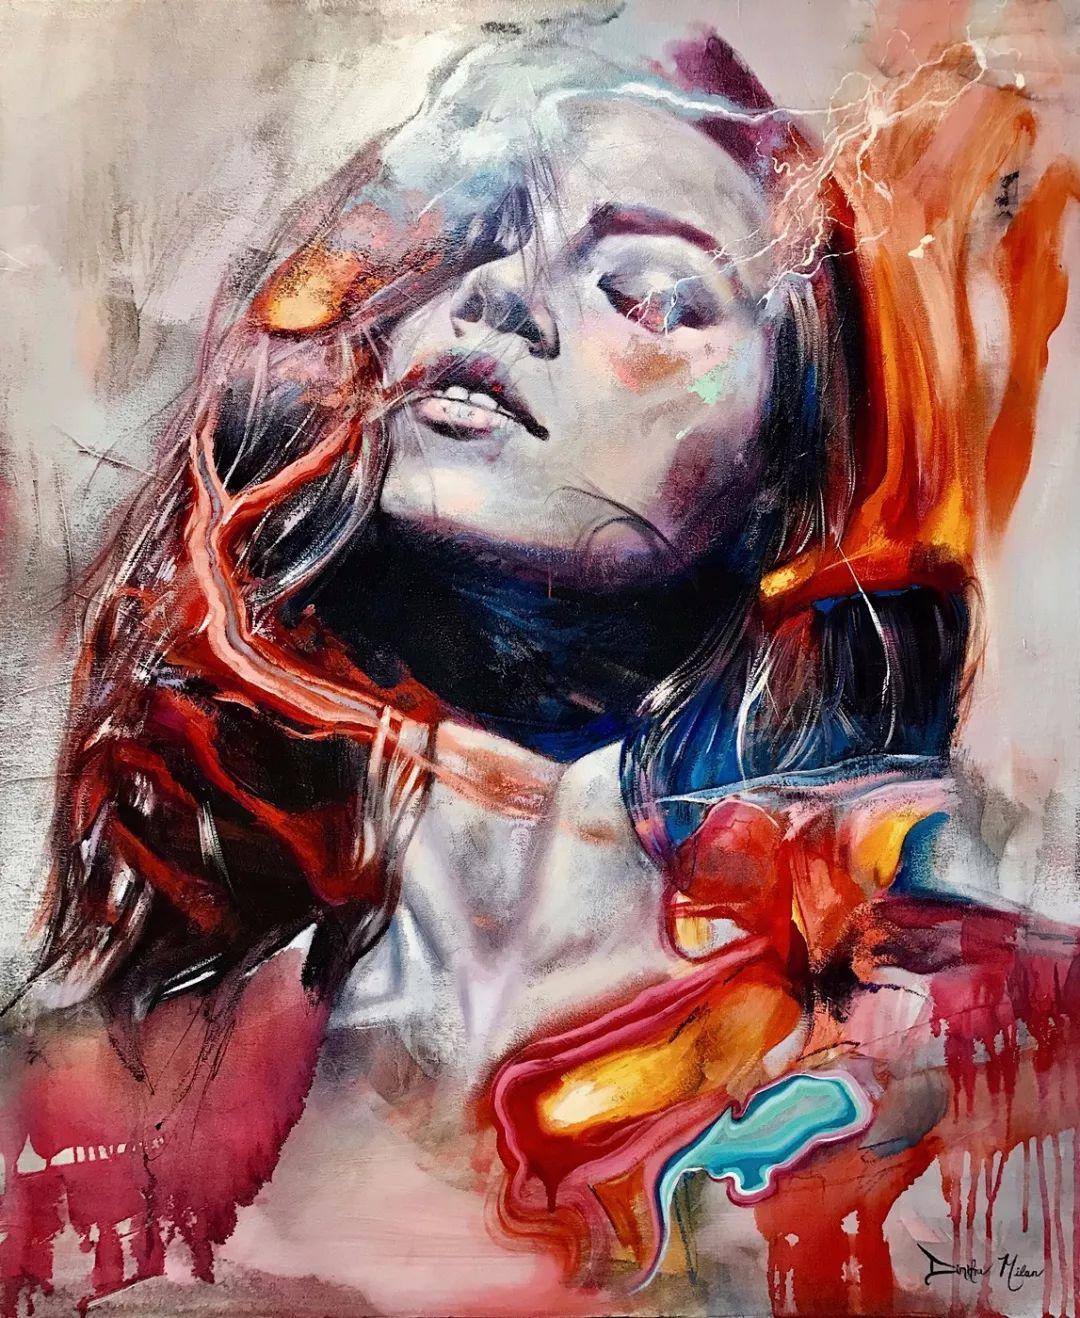 12岁开始画画 16岁就卖画赚100万——希腊小画家Dimitra Milan插图65